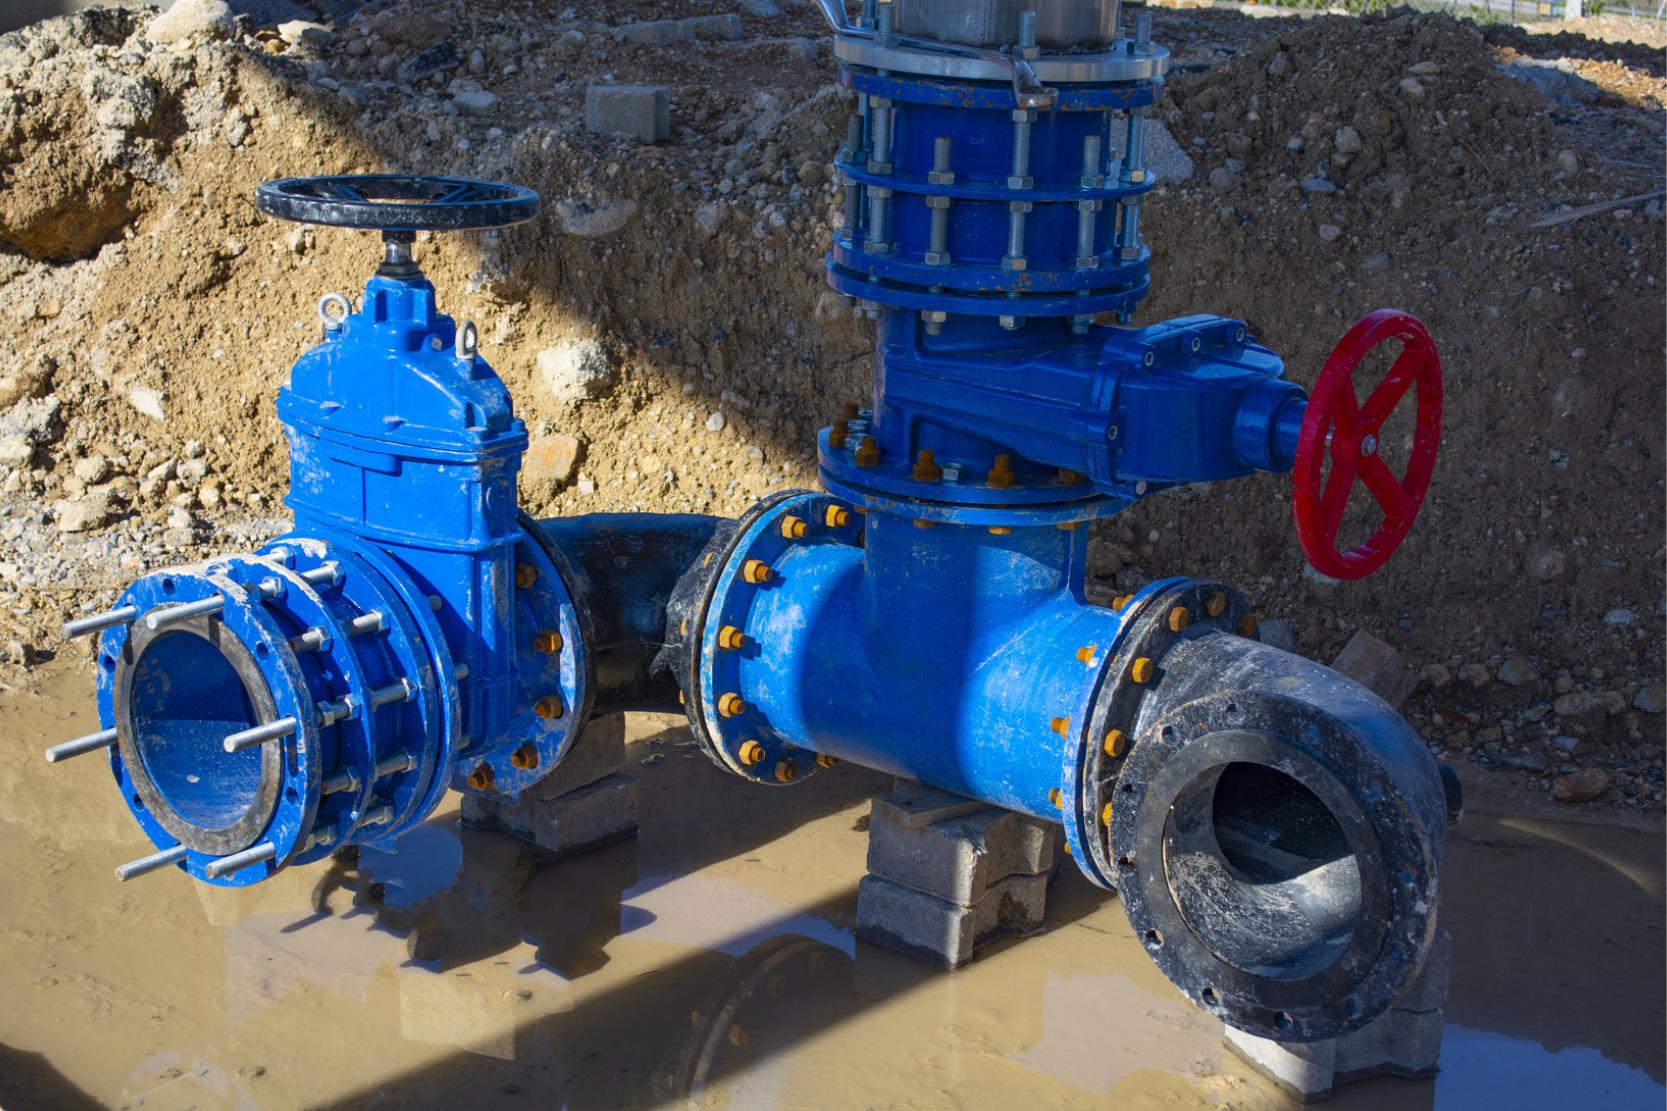 Equipos-Tratamiento-de-Aguas-Municipales-Mineras-Industriales-6.jpg